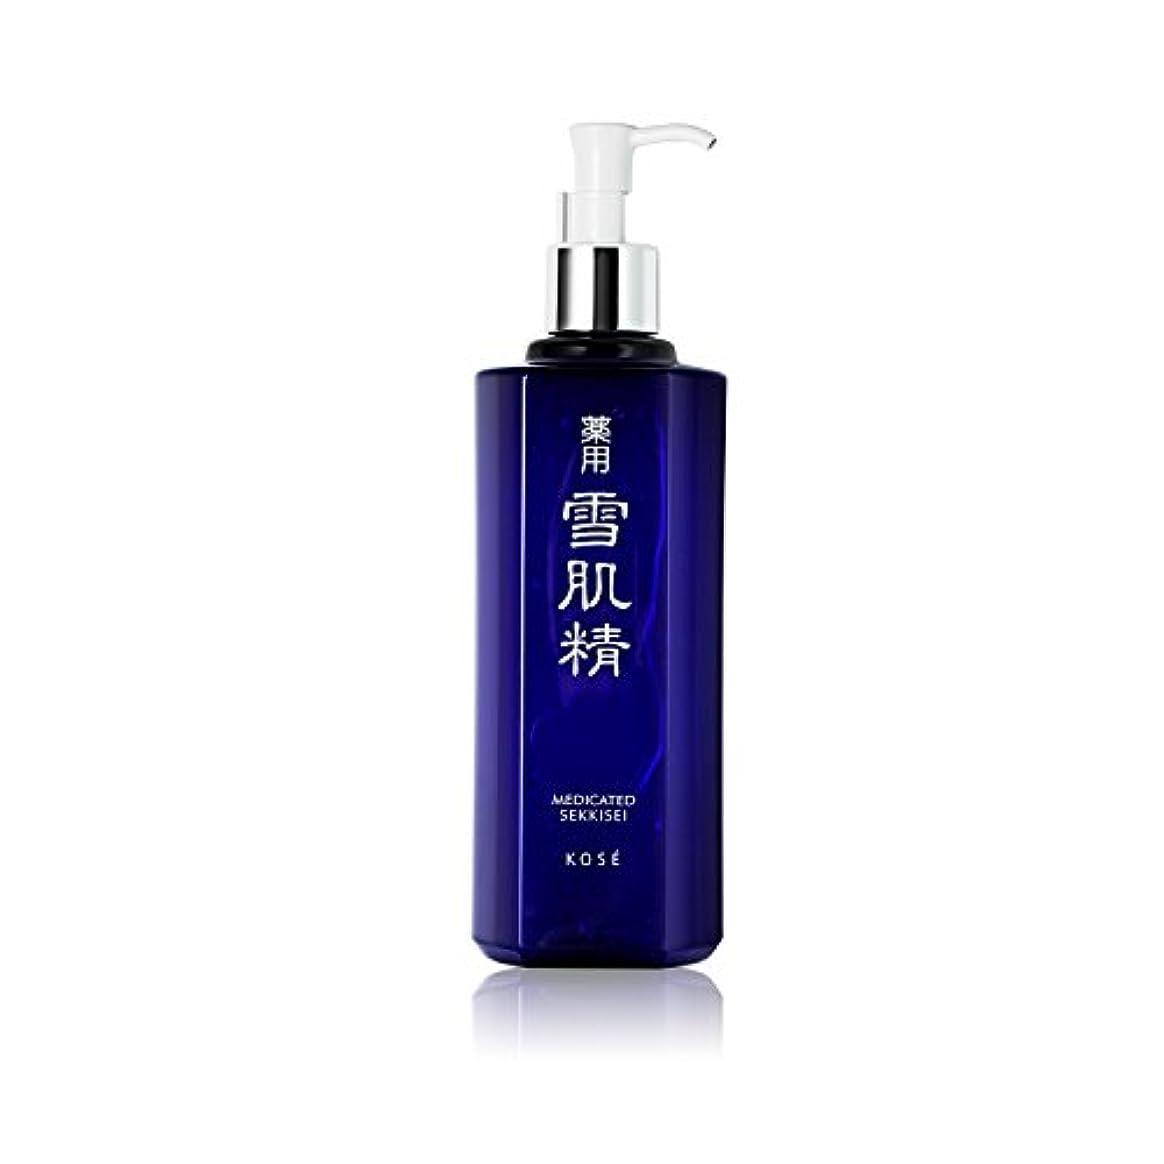 代わりの穴師匠【コーセー】薬用雪肌精 スーパービッグボトル 500ml